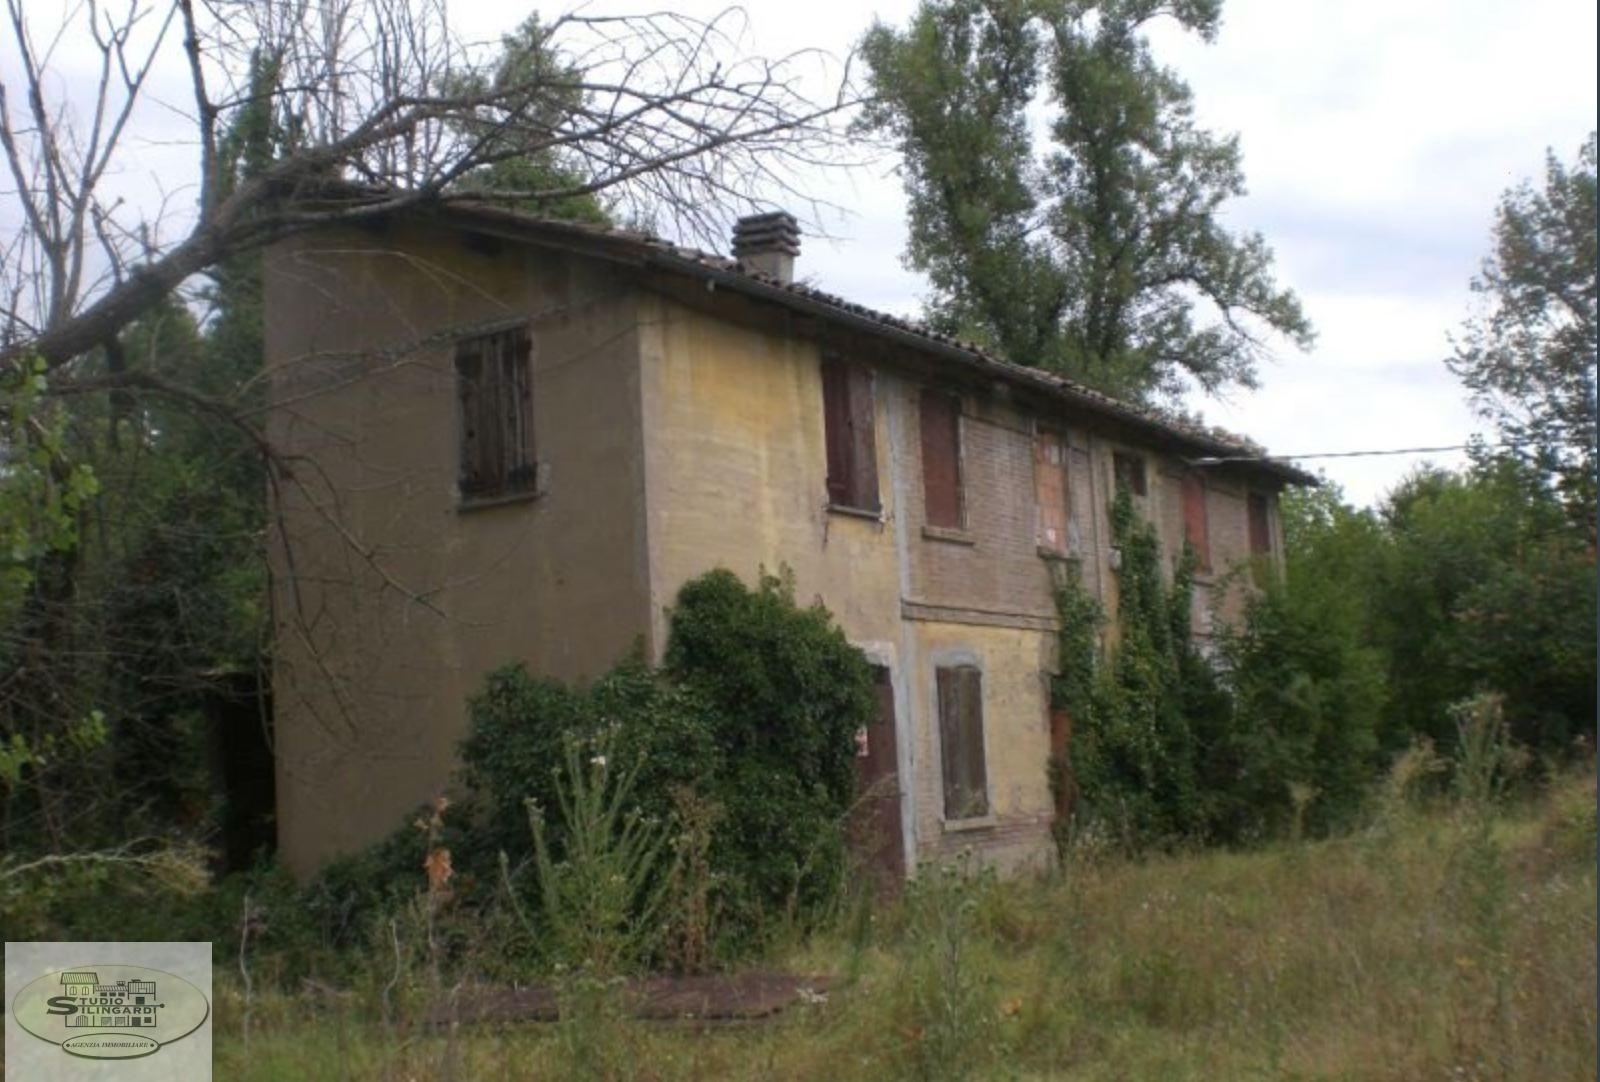 Rustico / Casale in vendita a Formigine, 10 locali, zona Zona: Casinalbo, prezzo € 360.000 | Cambio Casa.it